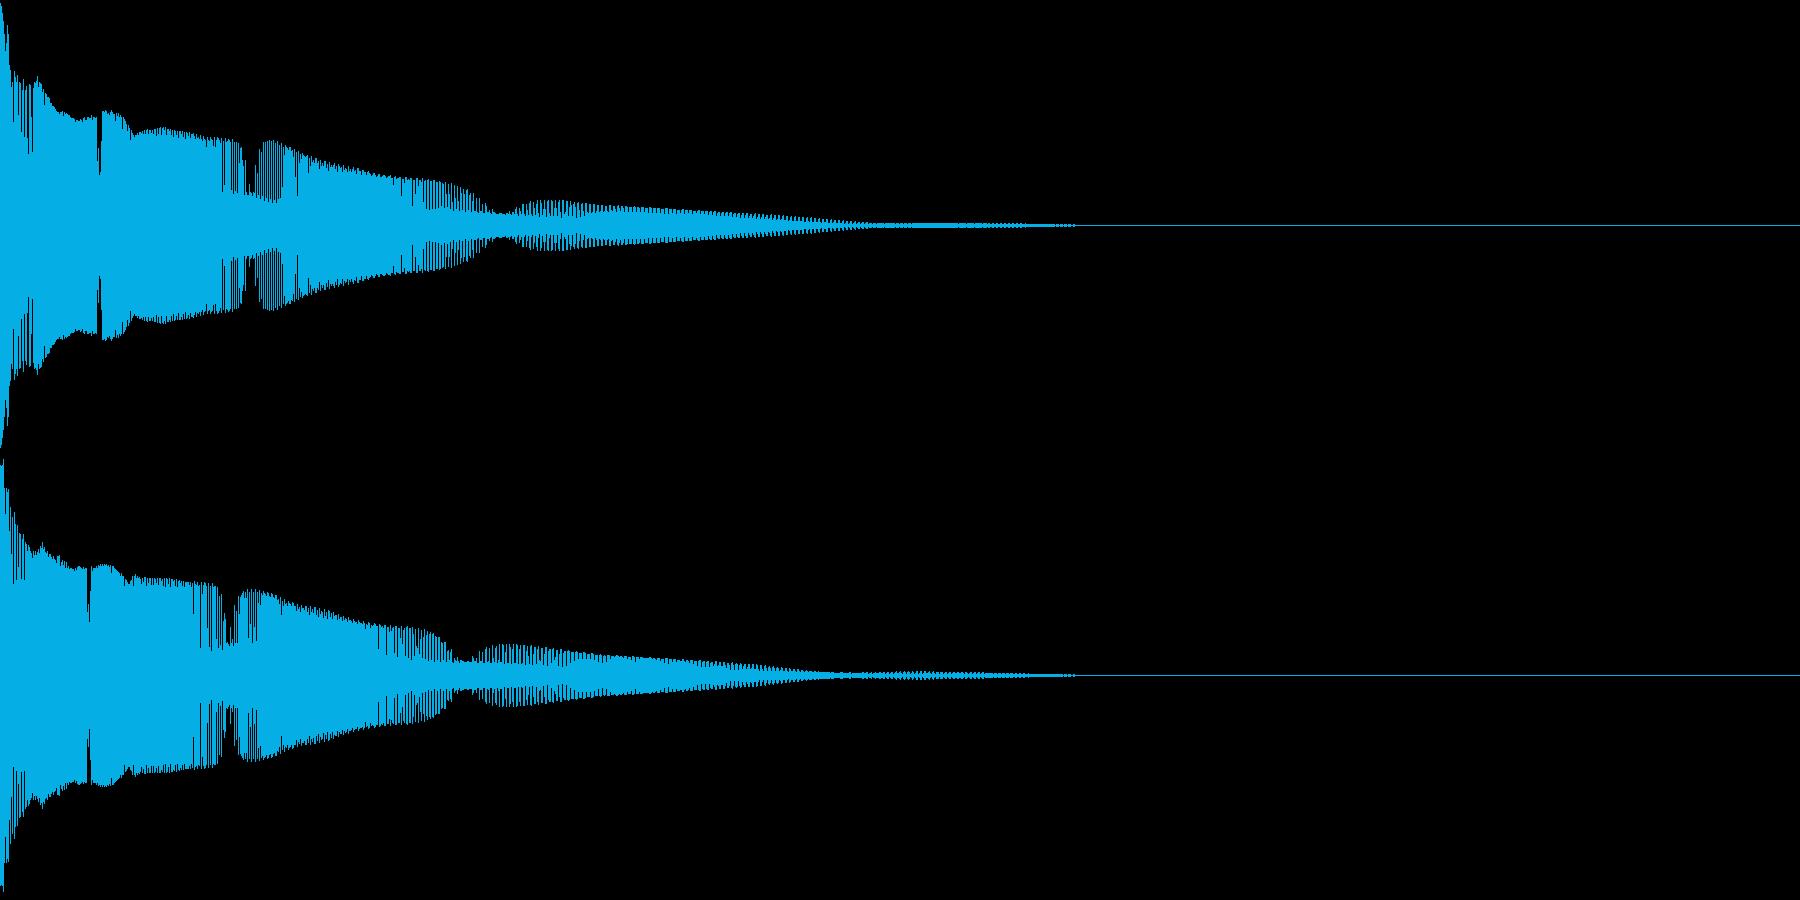 Henteko 可愛いクラッシュ音 9の再生済みの波形